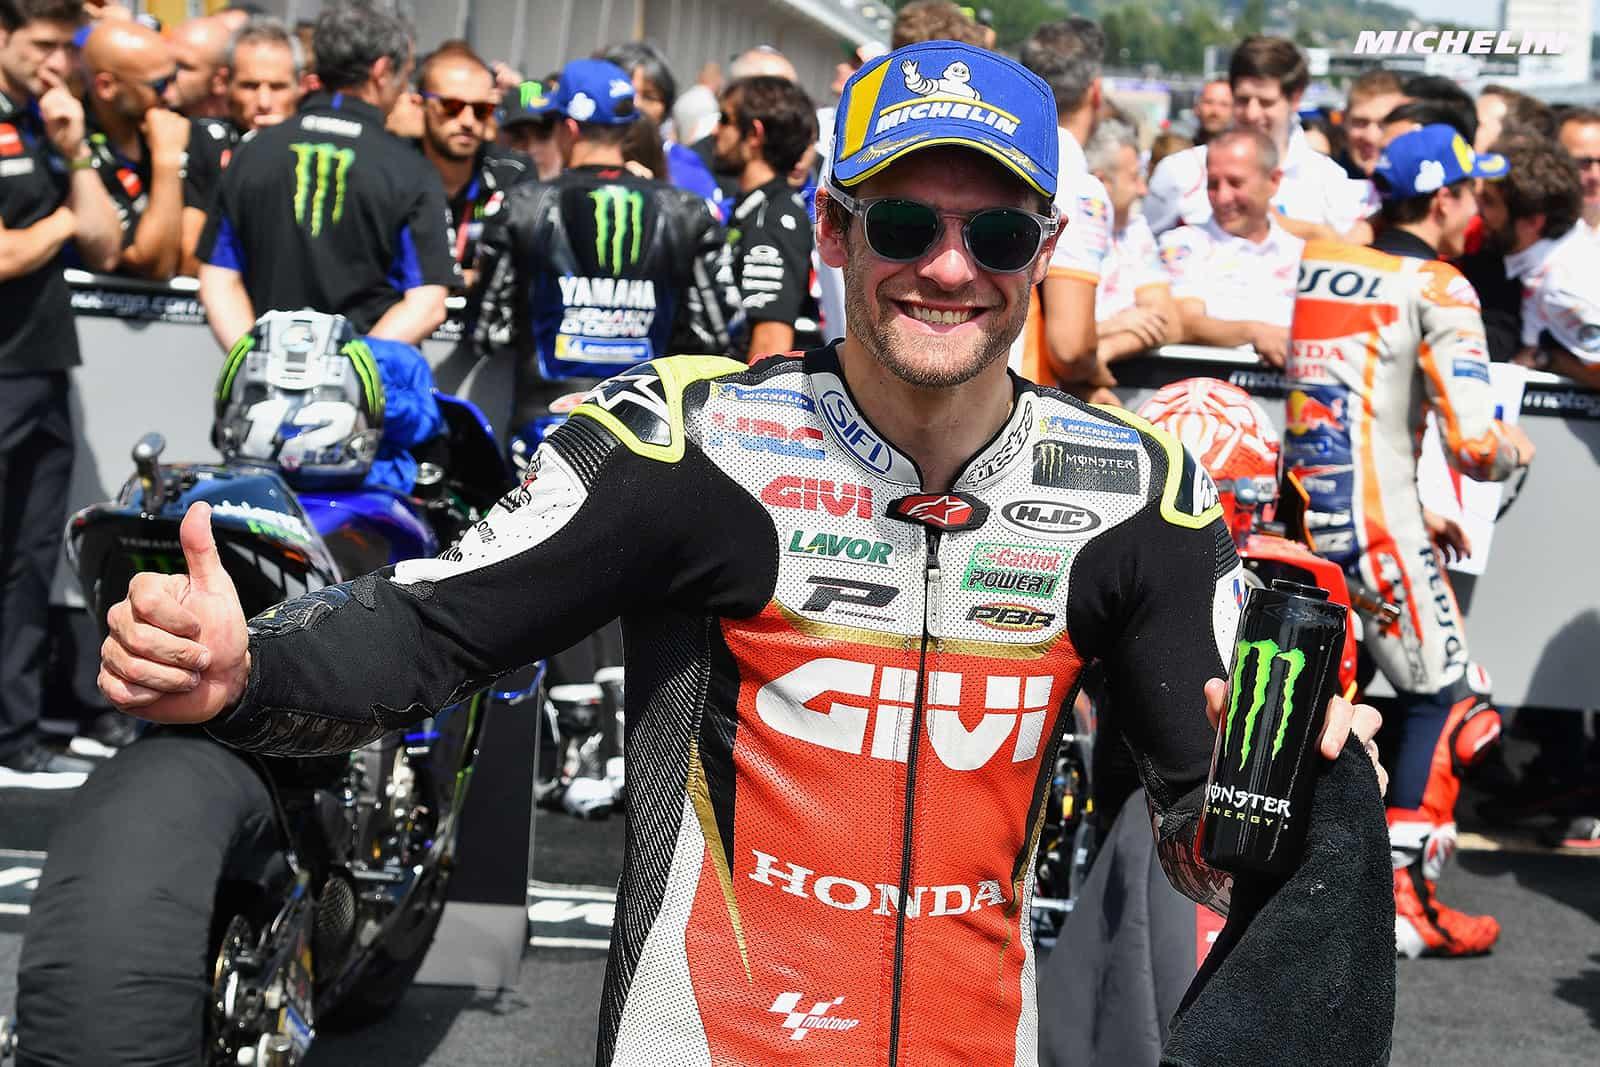 MotoGP2019ドイツGP 3位クラッチロー「怪我はレースに支障なかった」